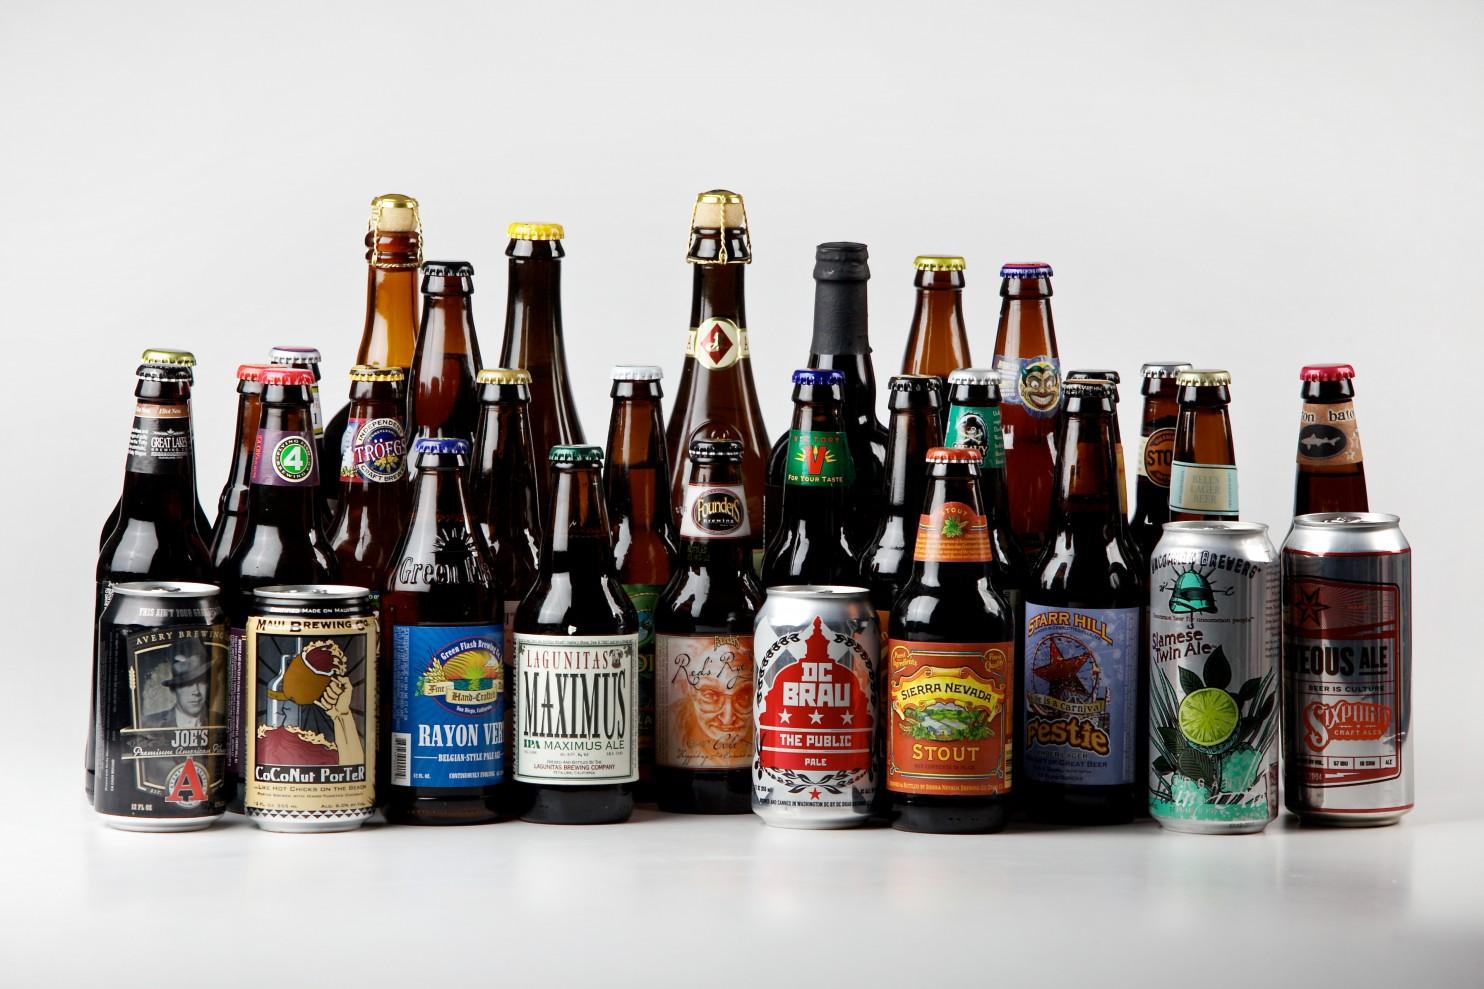 Особенности крафтового пивоварения, что такое крафт, известные сорта и виды пива